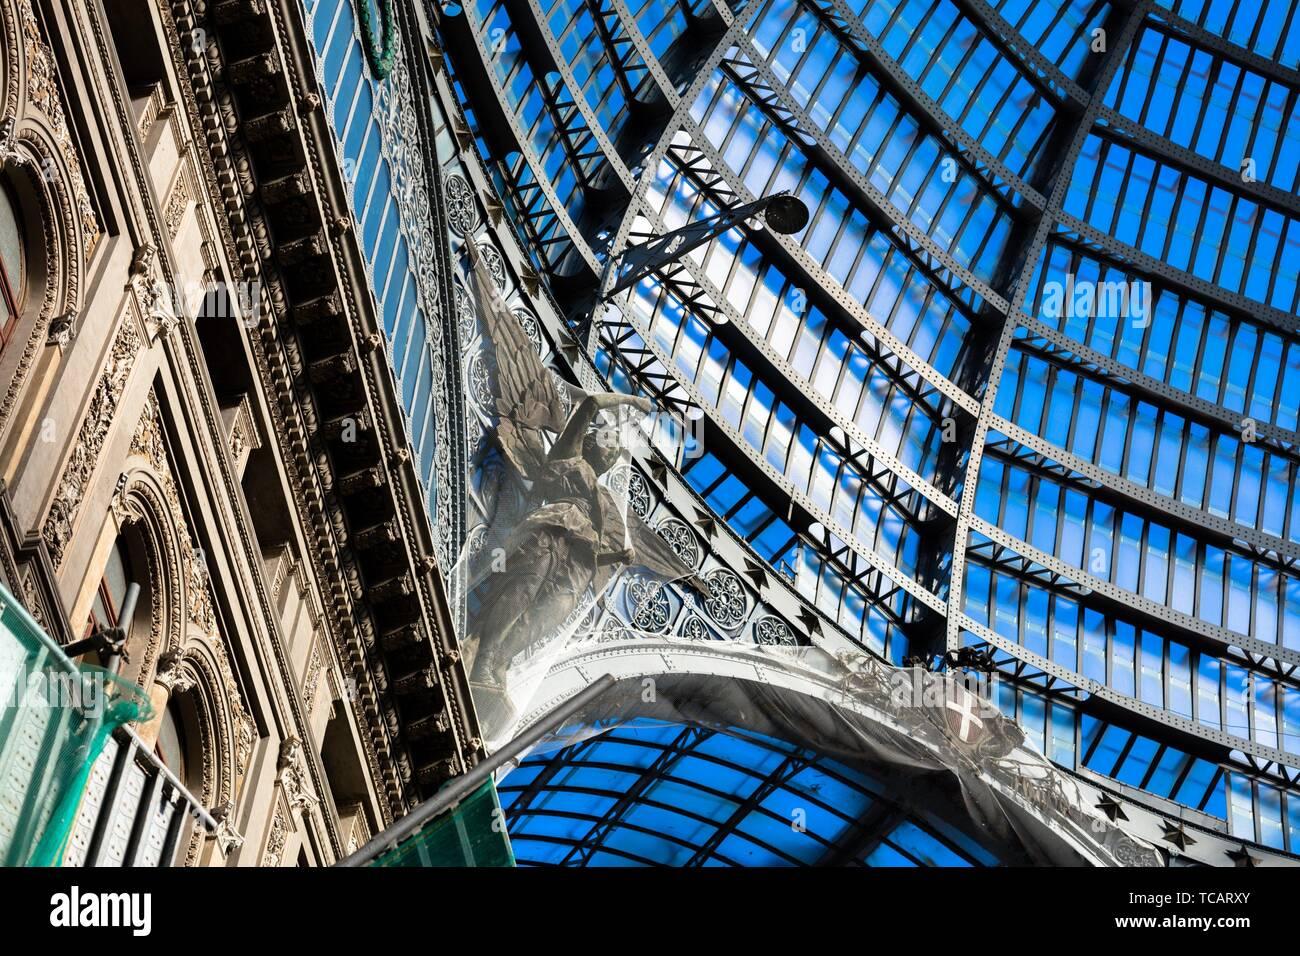 La Galleria Umberto I di Napoli è stato costruito in stile liberty nel novembre 19, 1990. Immagini Stock